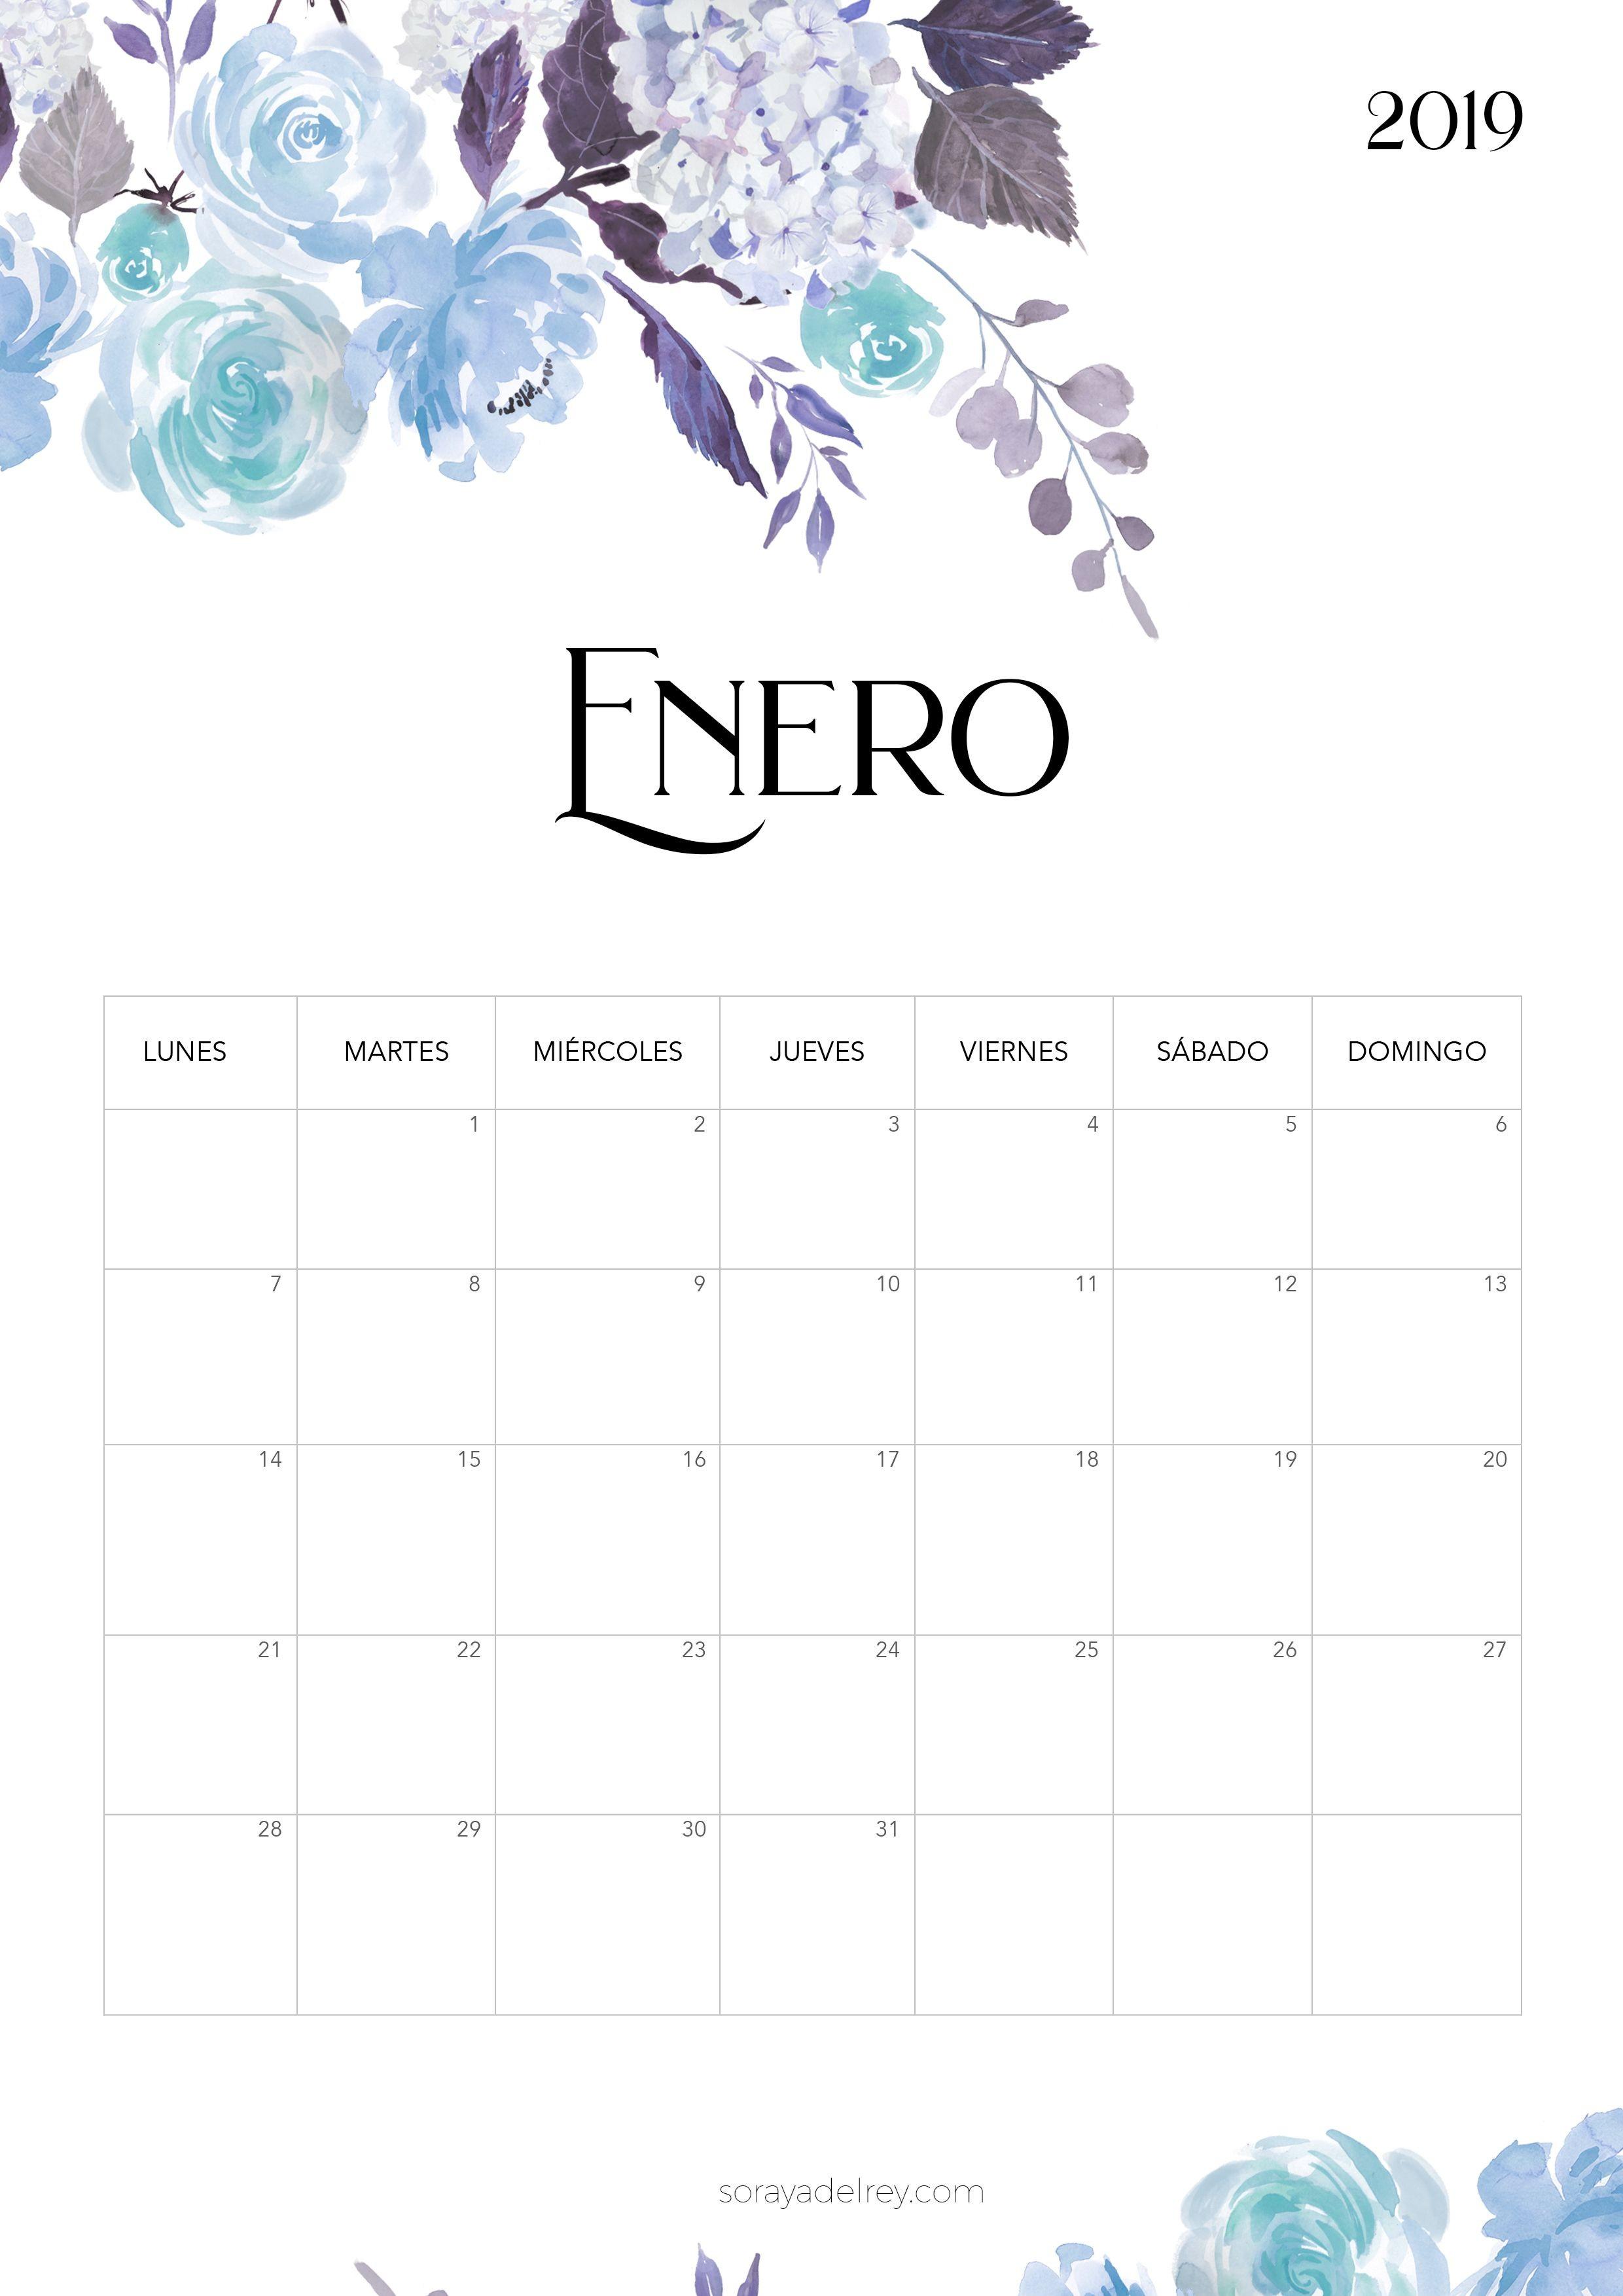 Calendario Enero 2019 Para Imprimir A4 Más Reciente Calendario Para Imprimir 2018 2019 Calendario Of Calendario Enero 2019 Para Imprimir A4 Actual Calendario Diciembre De 2019 53ld Calendario T